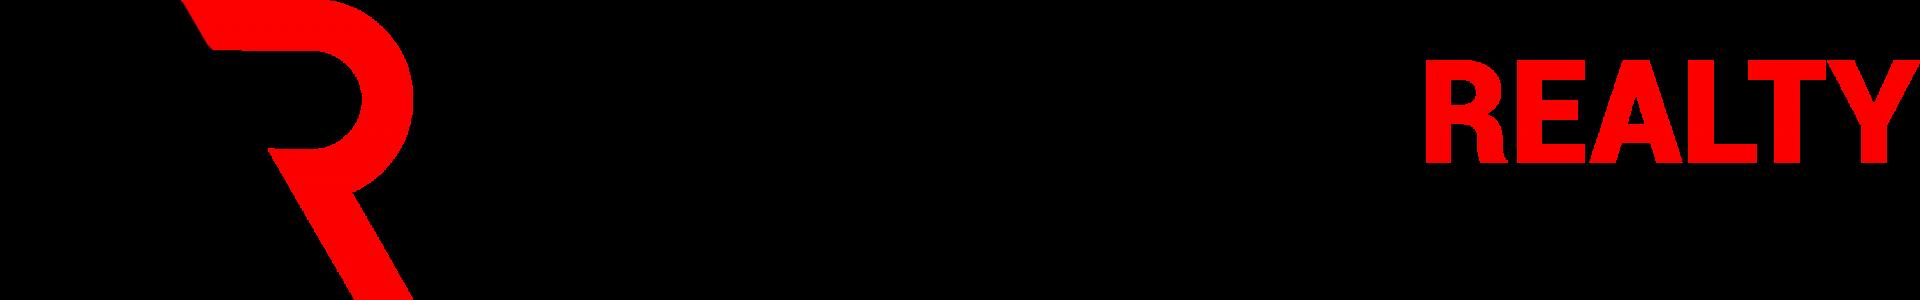 Benevolence Realty  logo